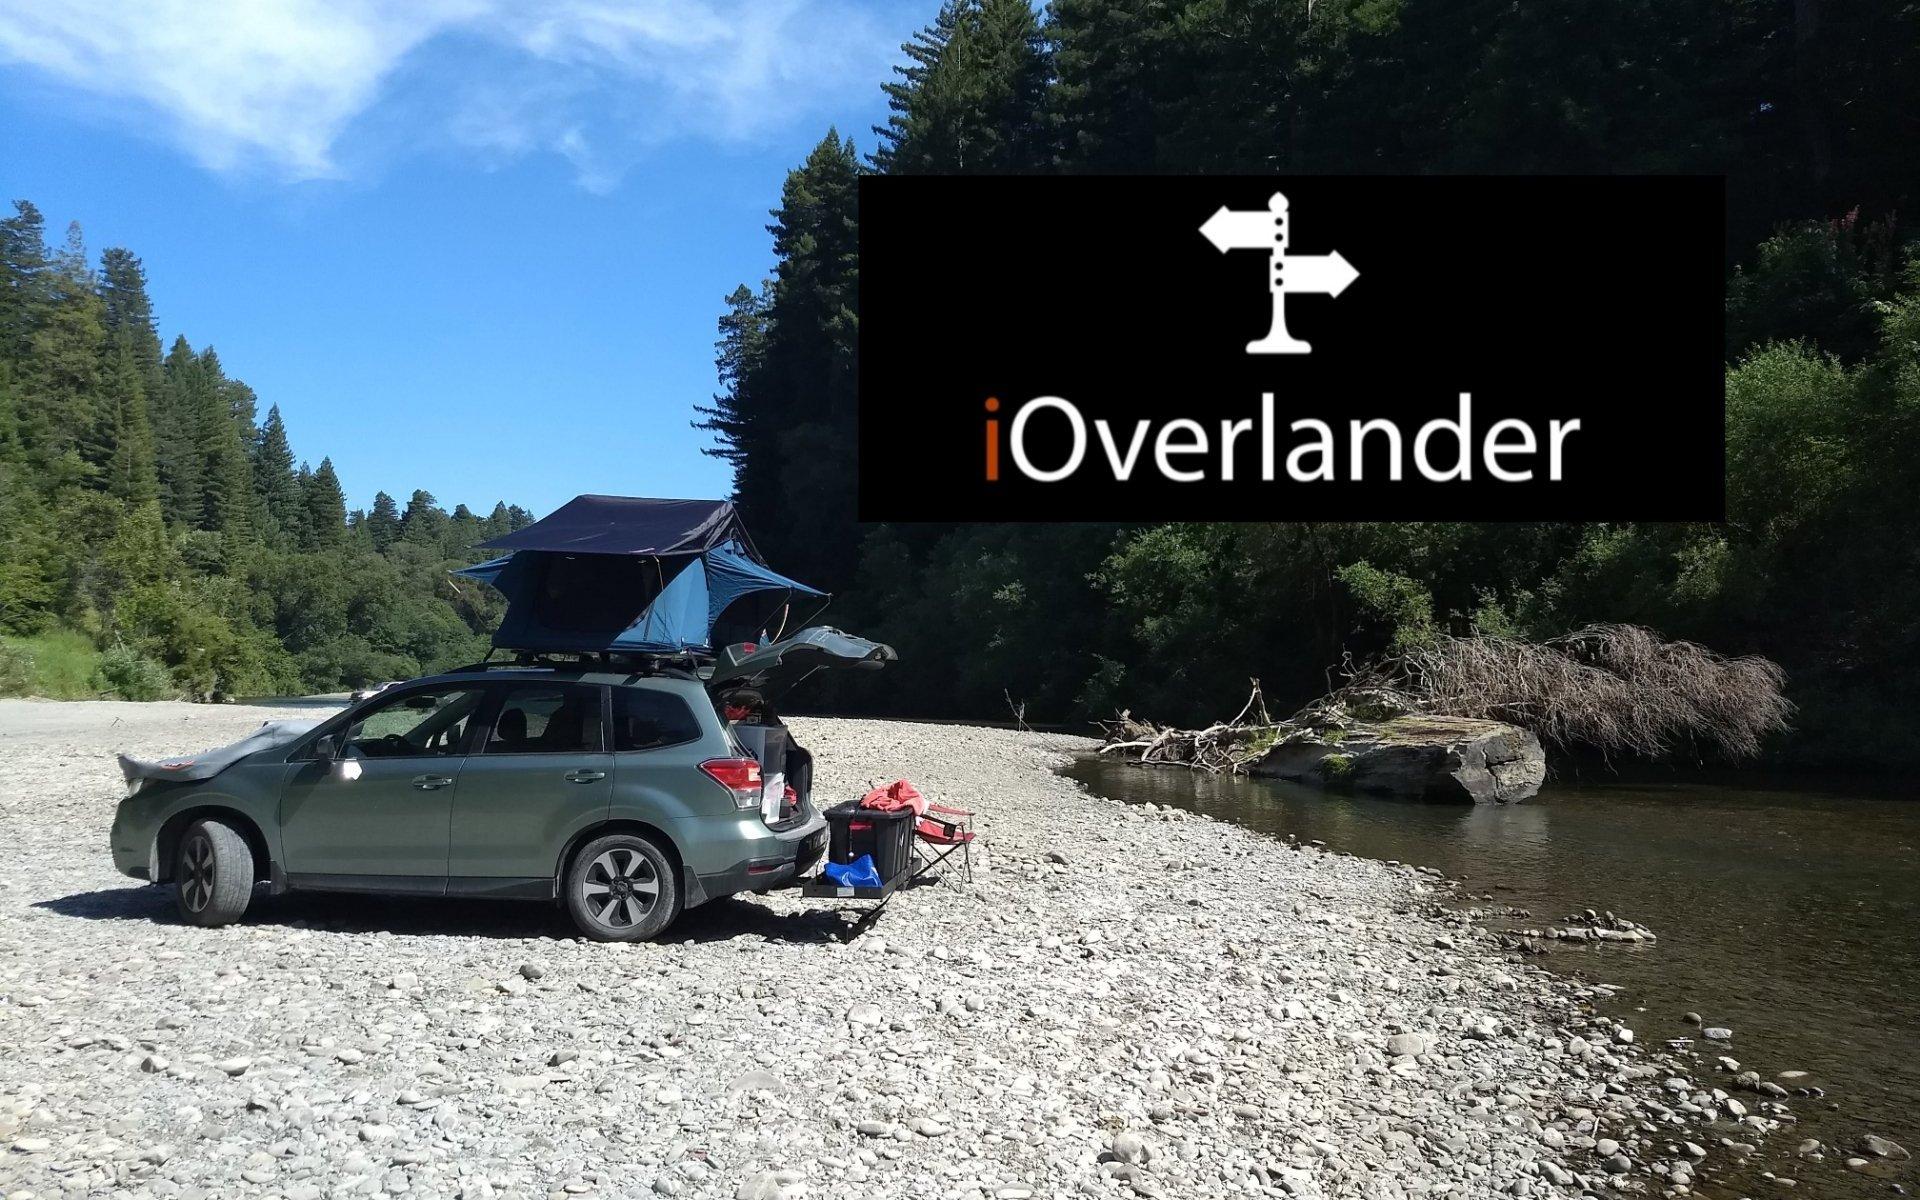 iOverlander - on the South Fork Eel River